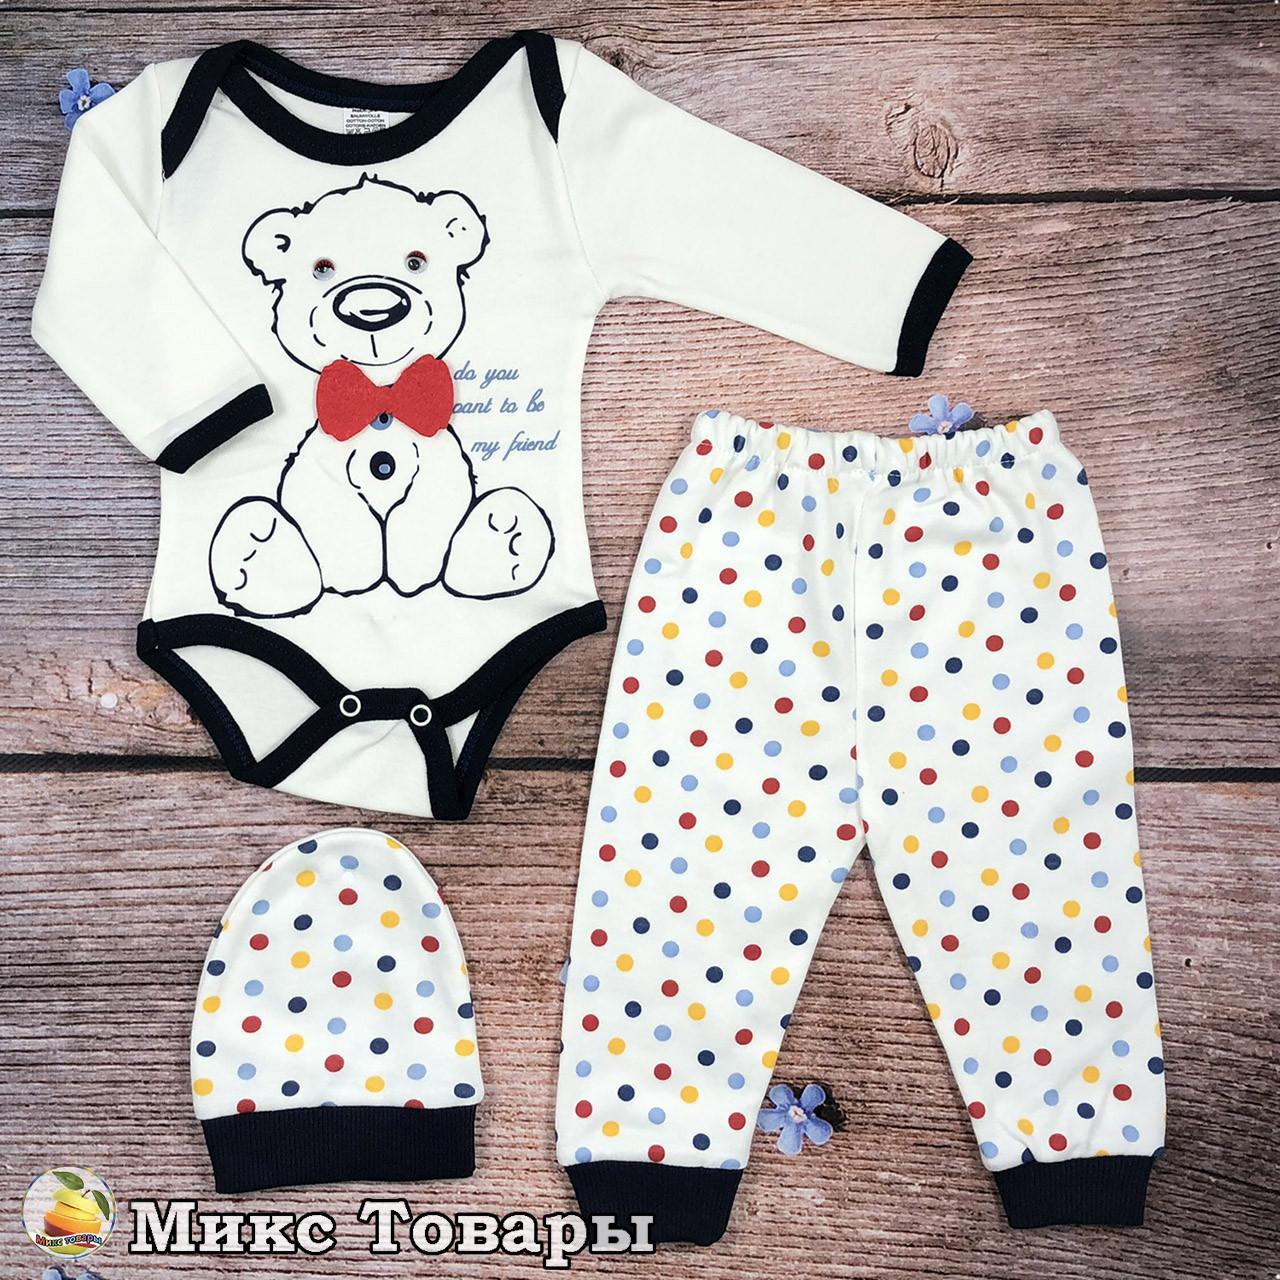 Бодик, штанишки и шапочка для малыша Размеры: 3,6,9 месяцев (8658-1)